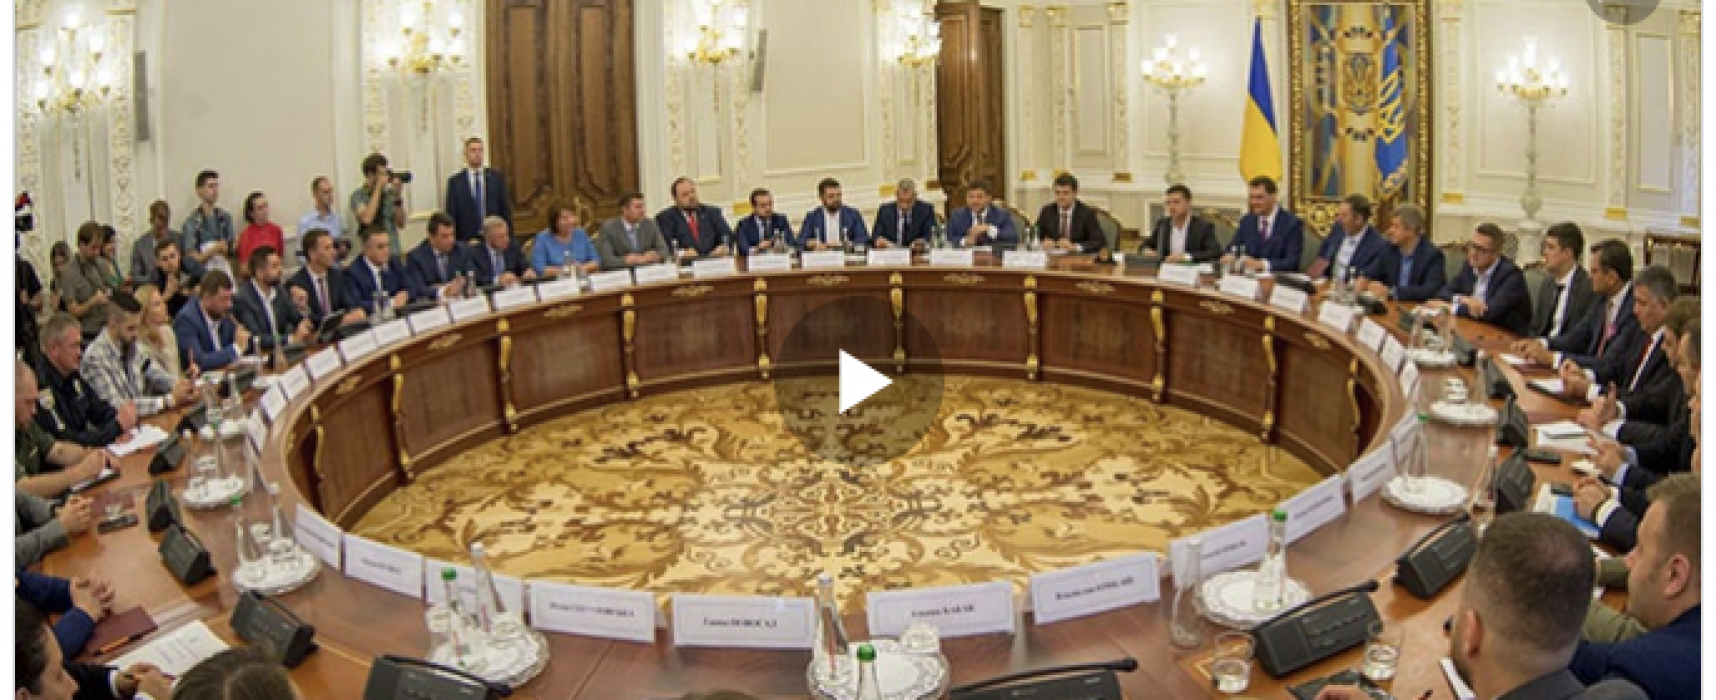 Фейк: Украина превратит землю в товар и продаст ее в обмен на очередной миллиард от МВФ